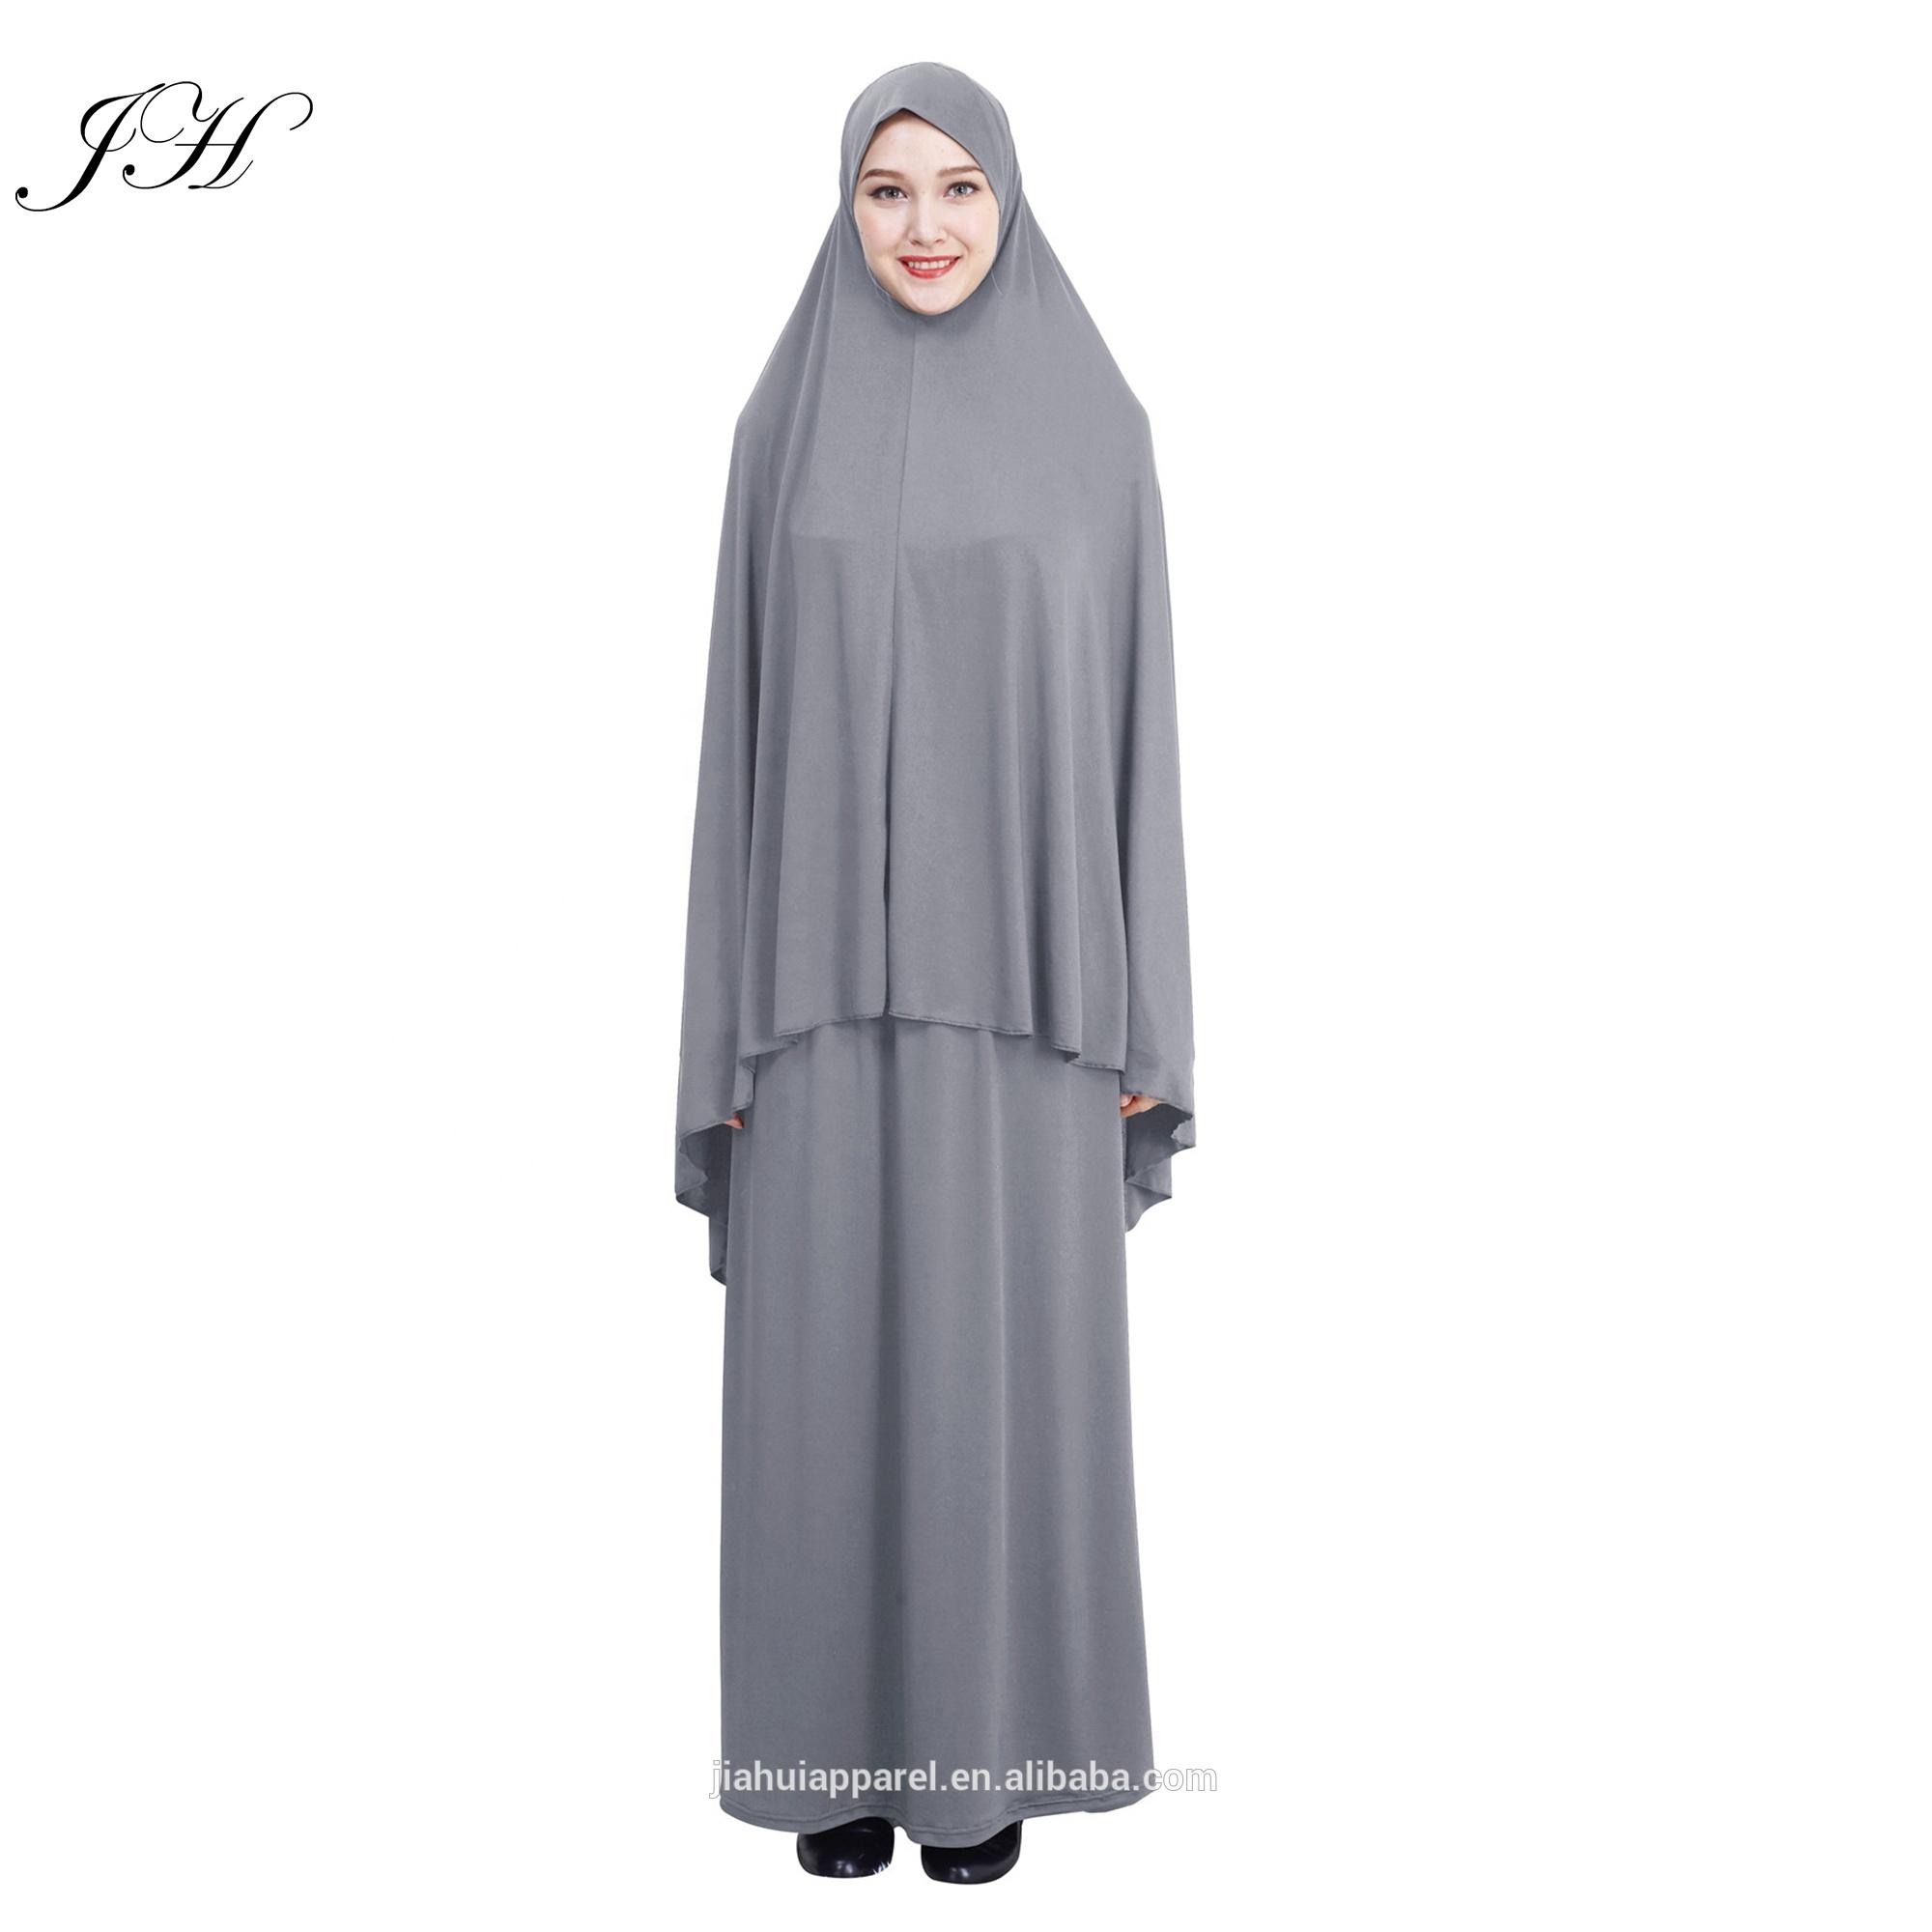 68304ed8e3d Rechercher les fabricants des Hijab Vestimentaire produits de qualité  supérieure Hijab Vestimentaire sur Alibaba.com